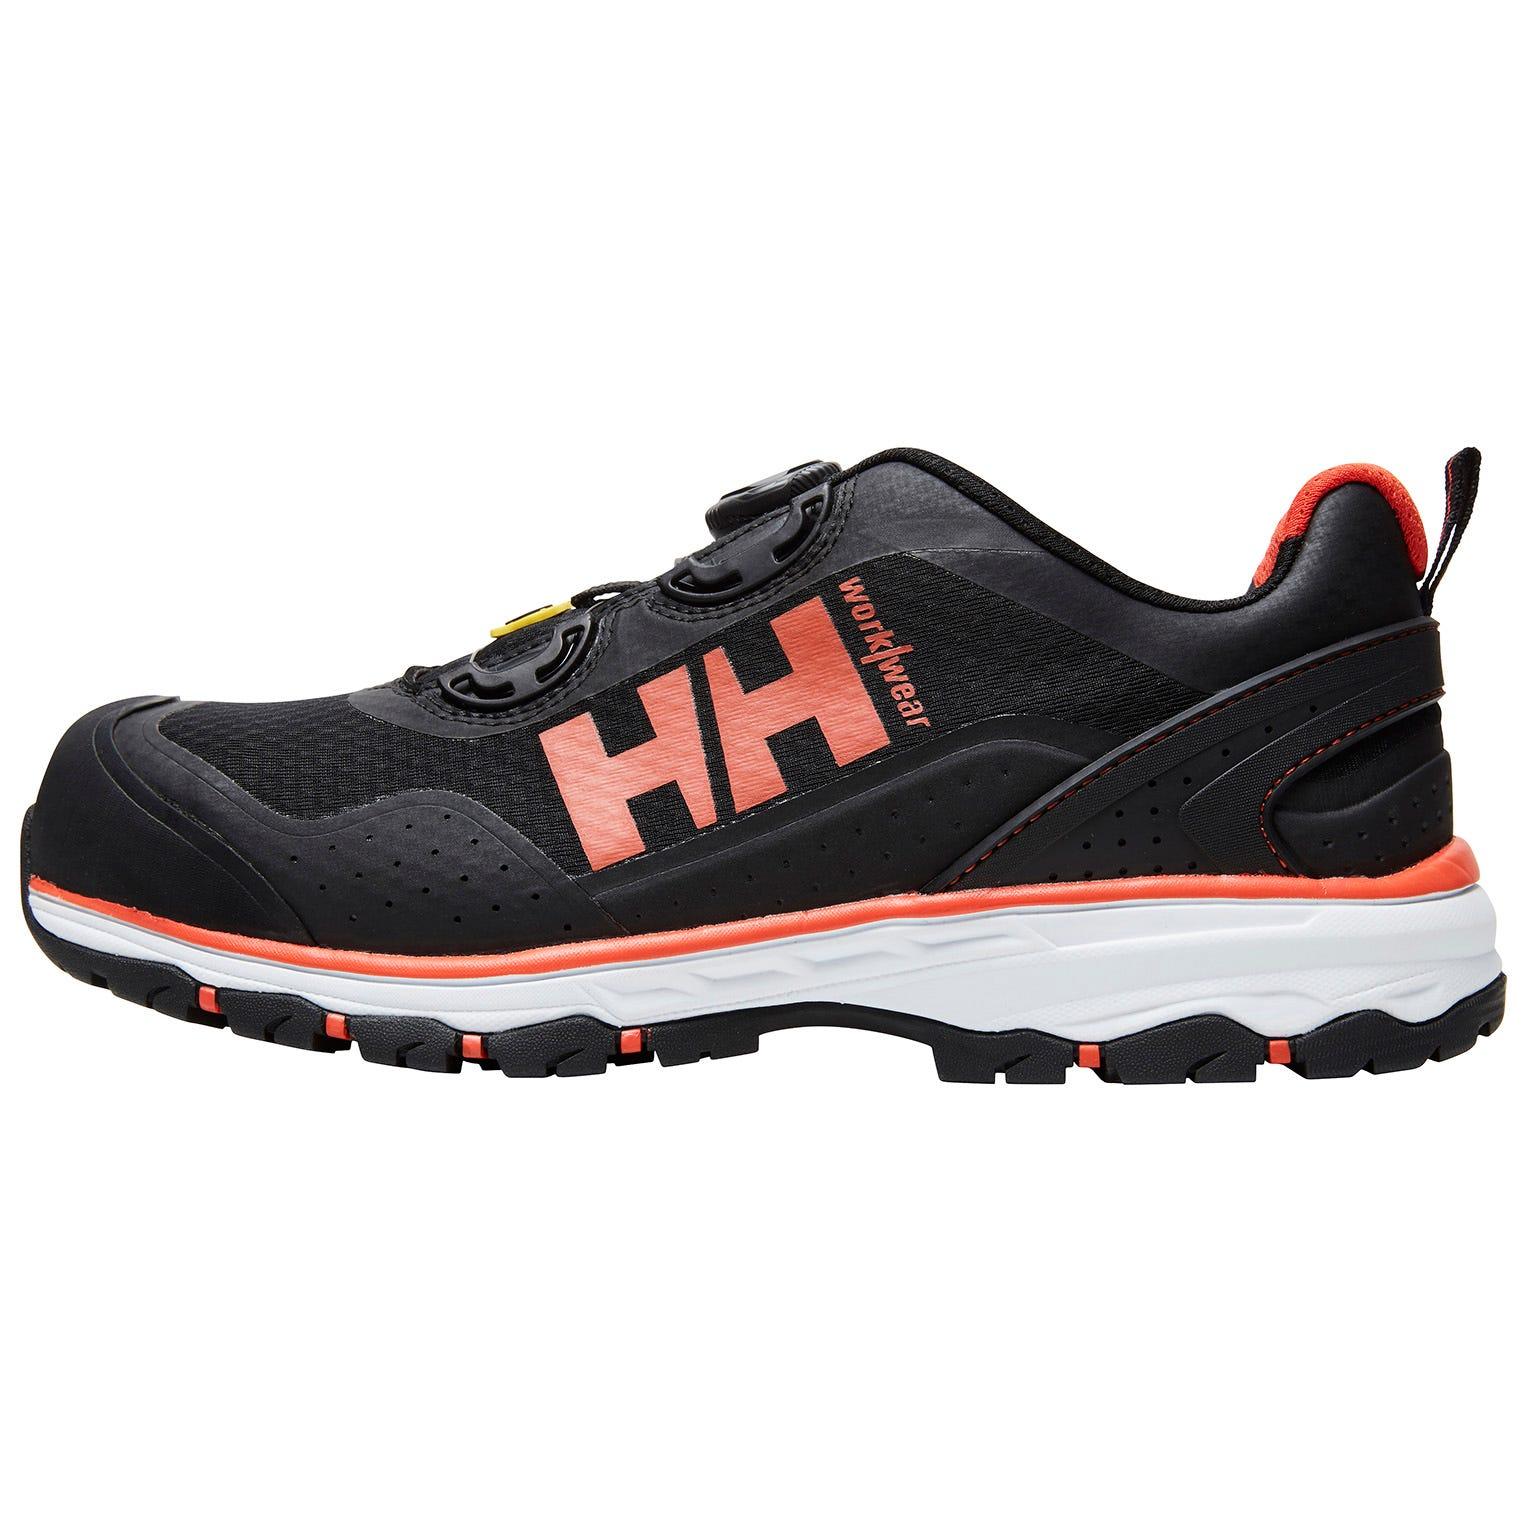 HH Workwear Workwear Helly Hansen Scarpa Antinfortunistica Certificata S1p Con Punta In Alluminio, Allacciatura Boa, Chelsea Evolution 38 Nero